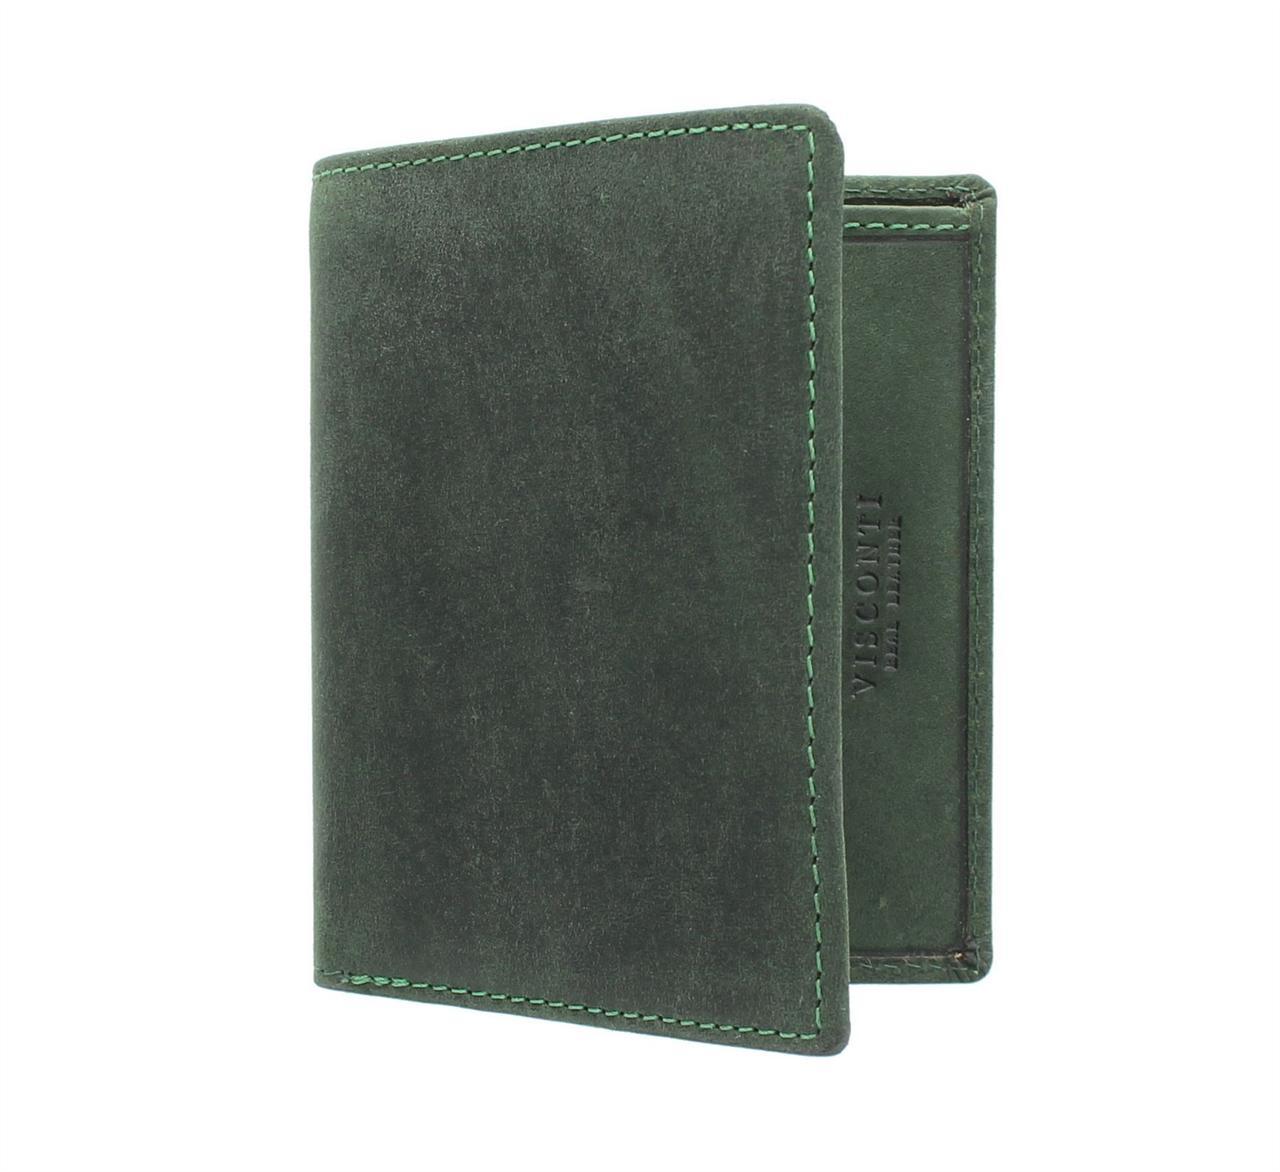 Мужской кошелек зеленого цвета Visconti 705 Oil Green (Великобритания)